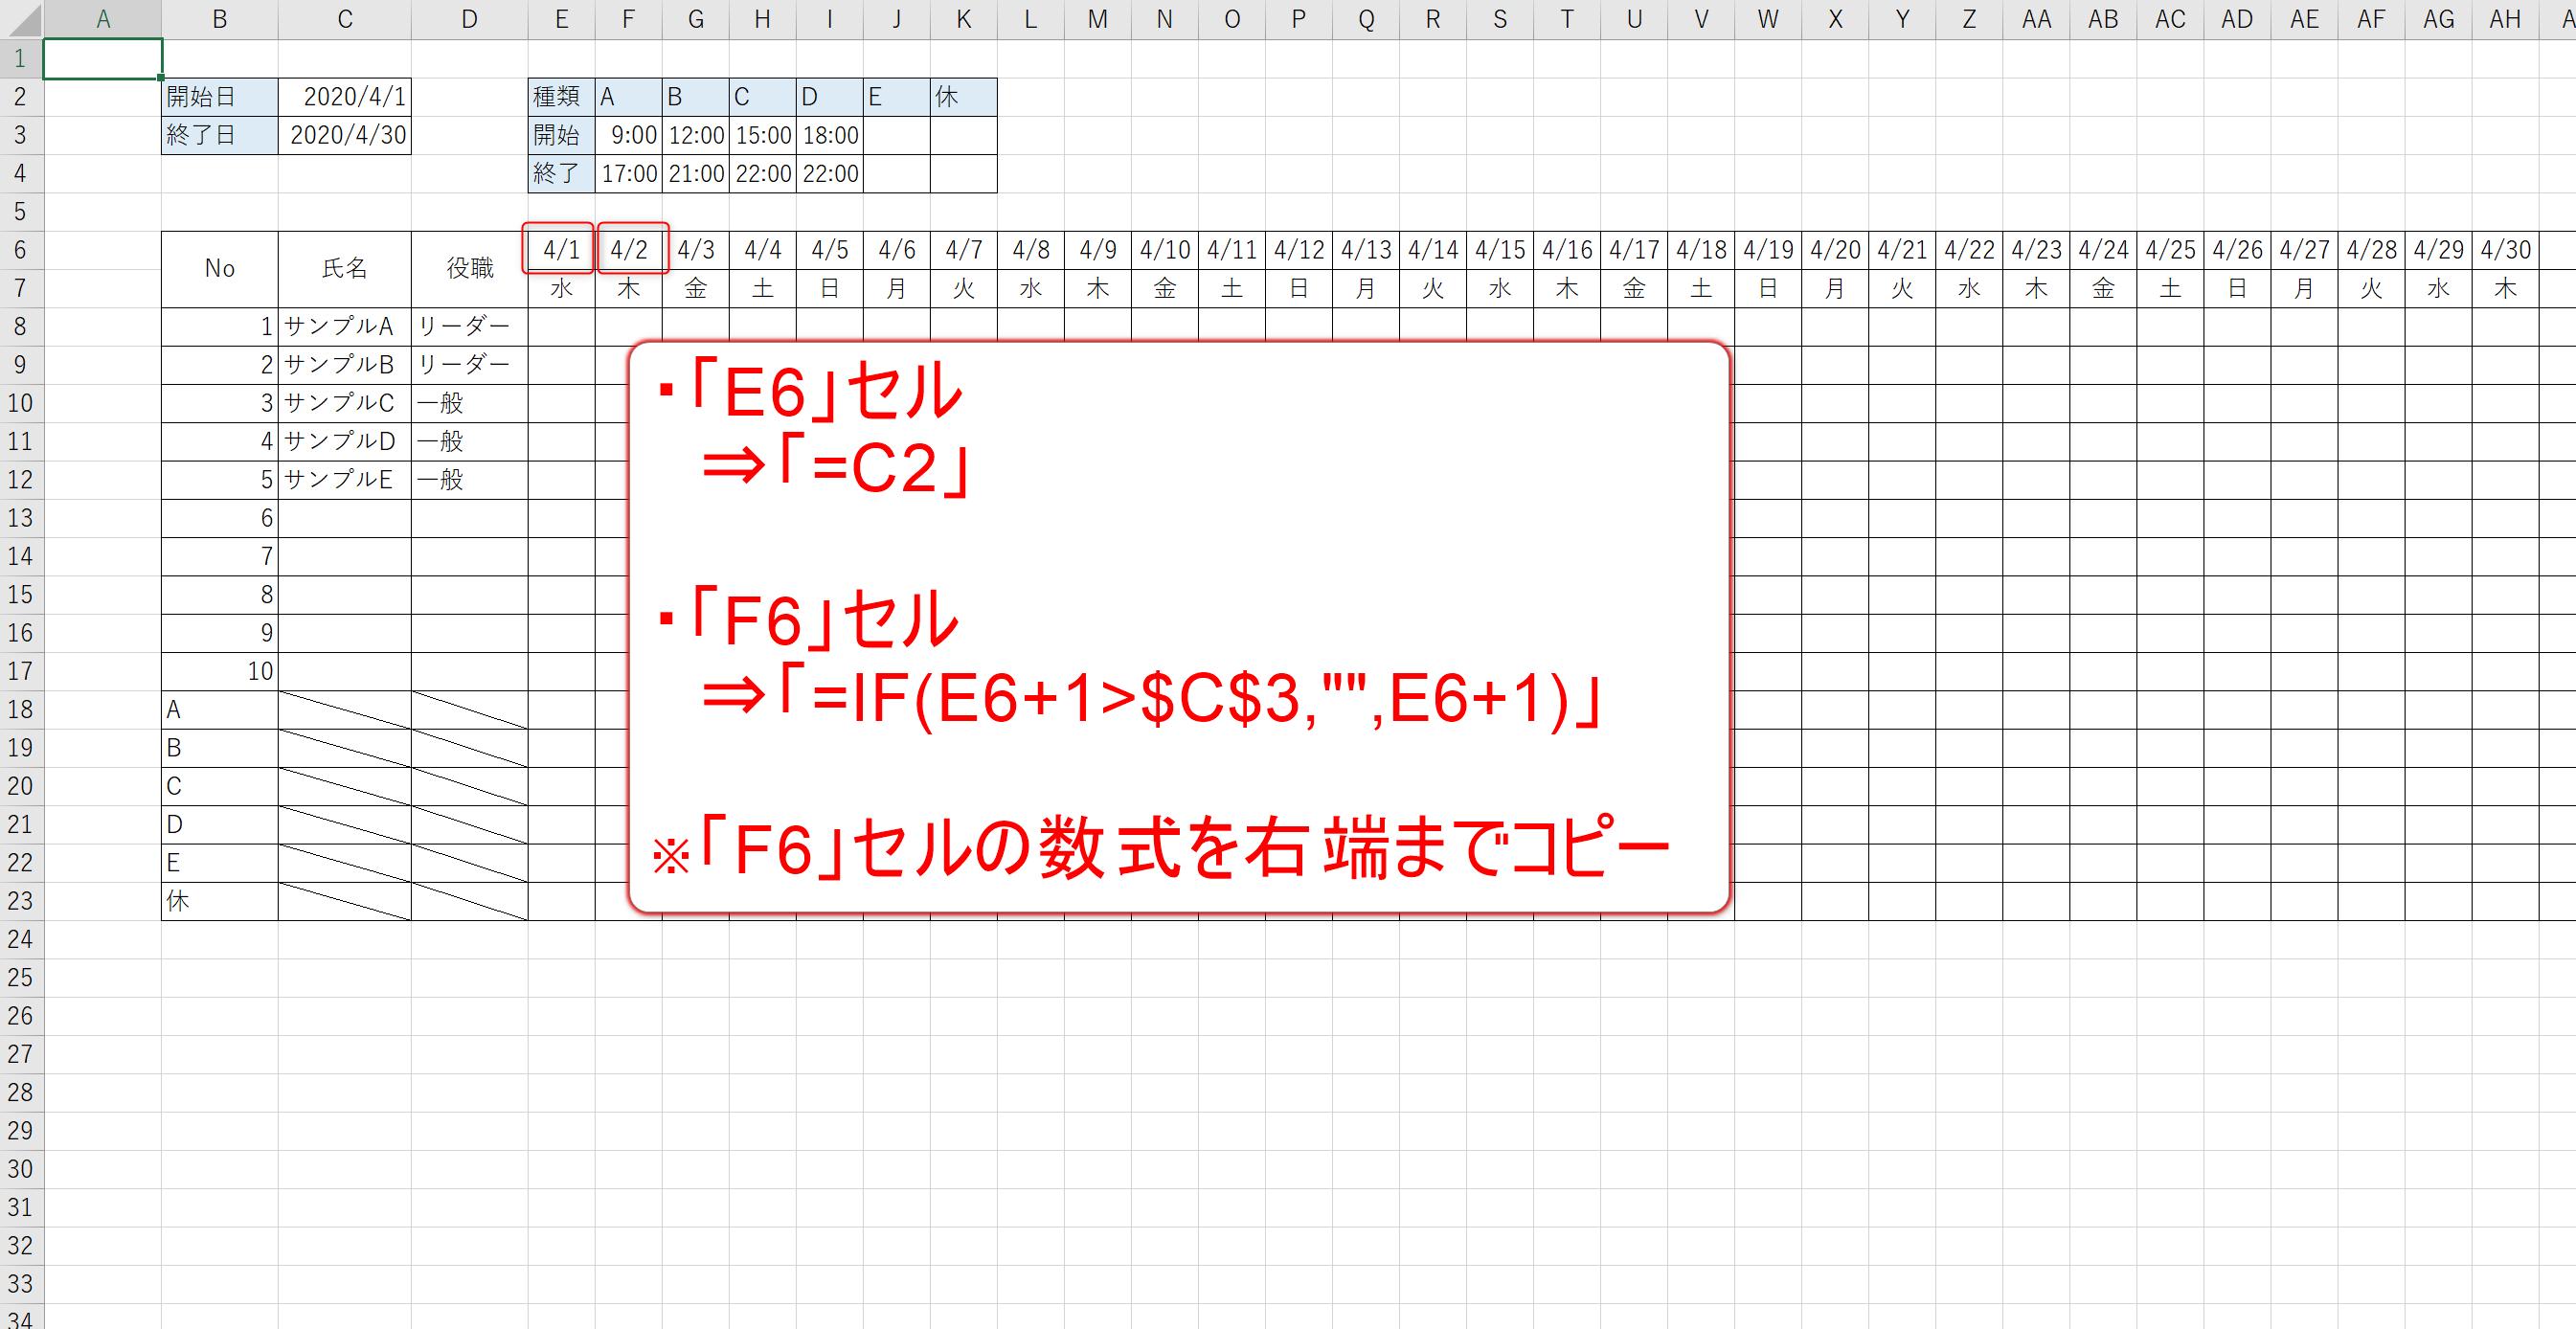 Excelシフト表動画解説記事11